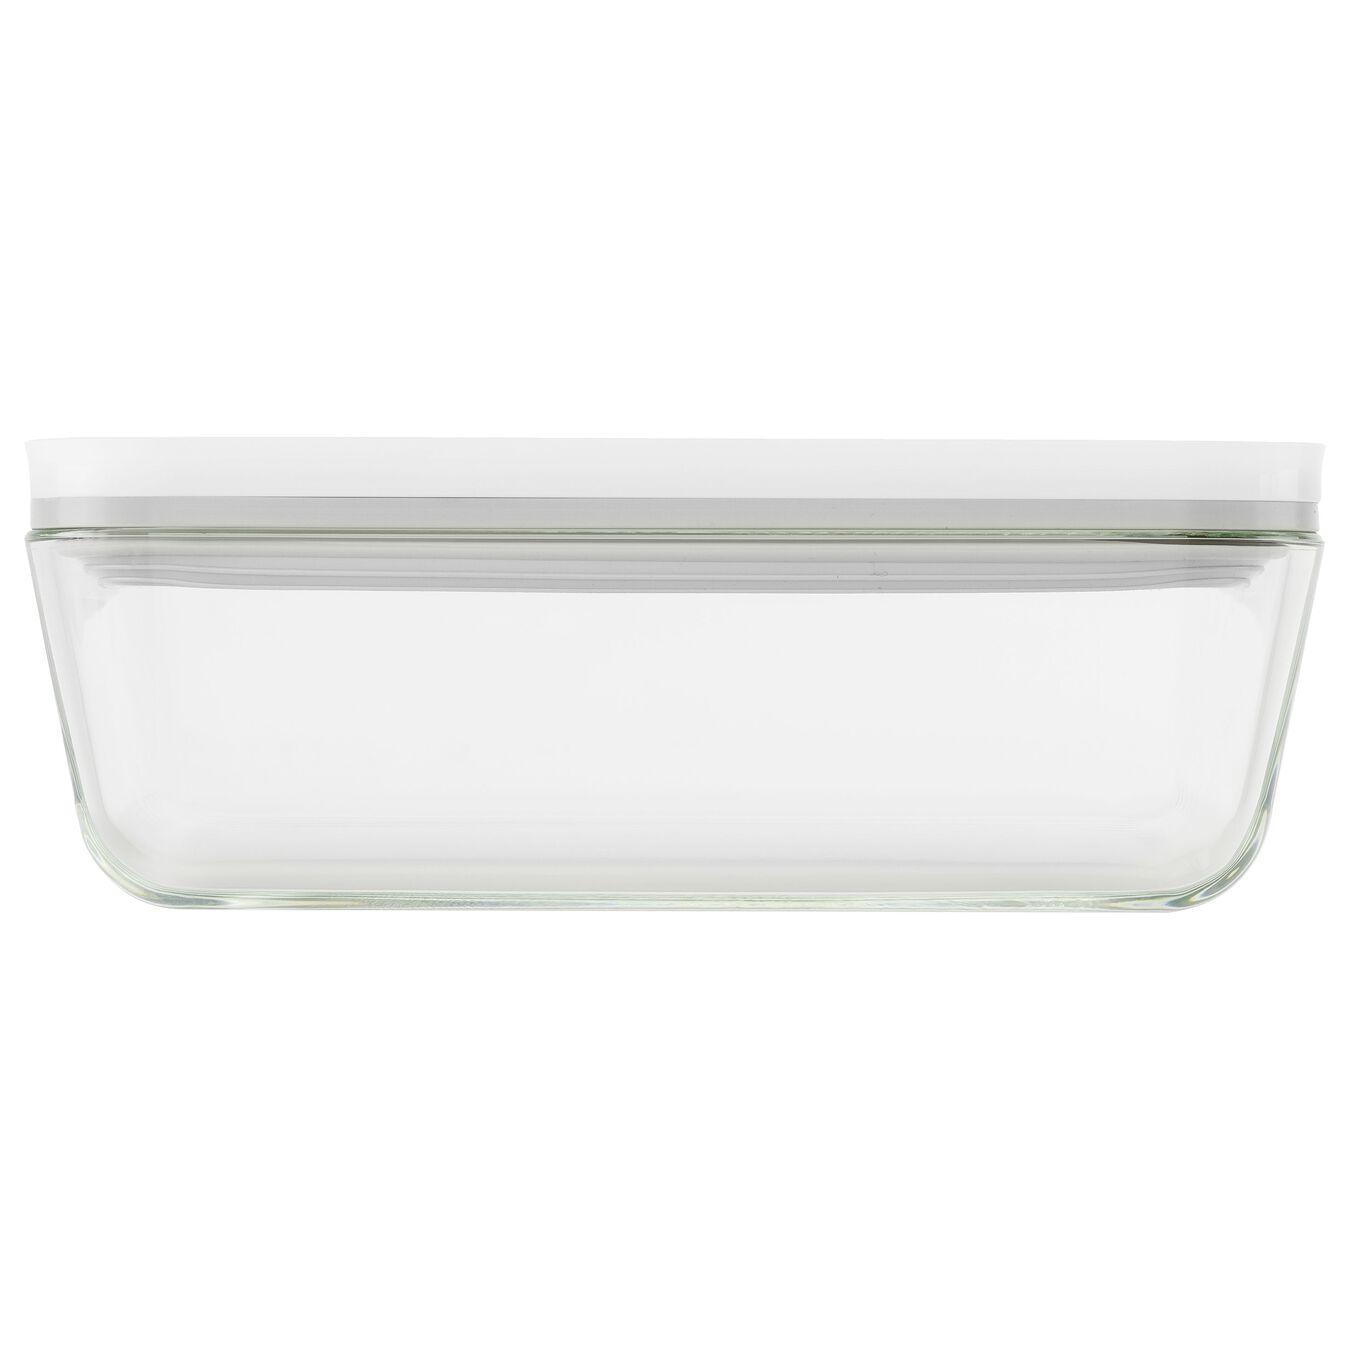 Vacuum Kühlschrankbox, Borosilikatglas, Weiß,,large 2